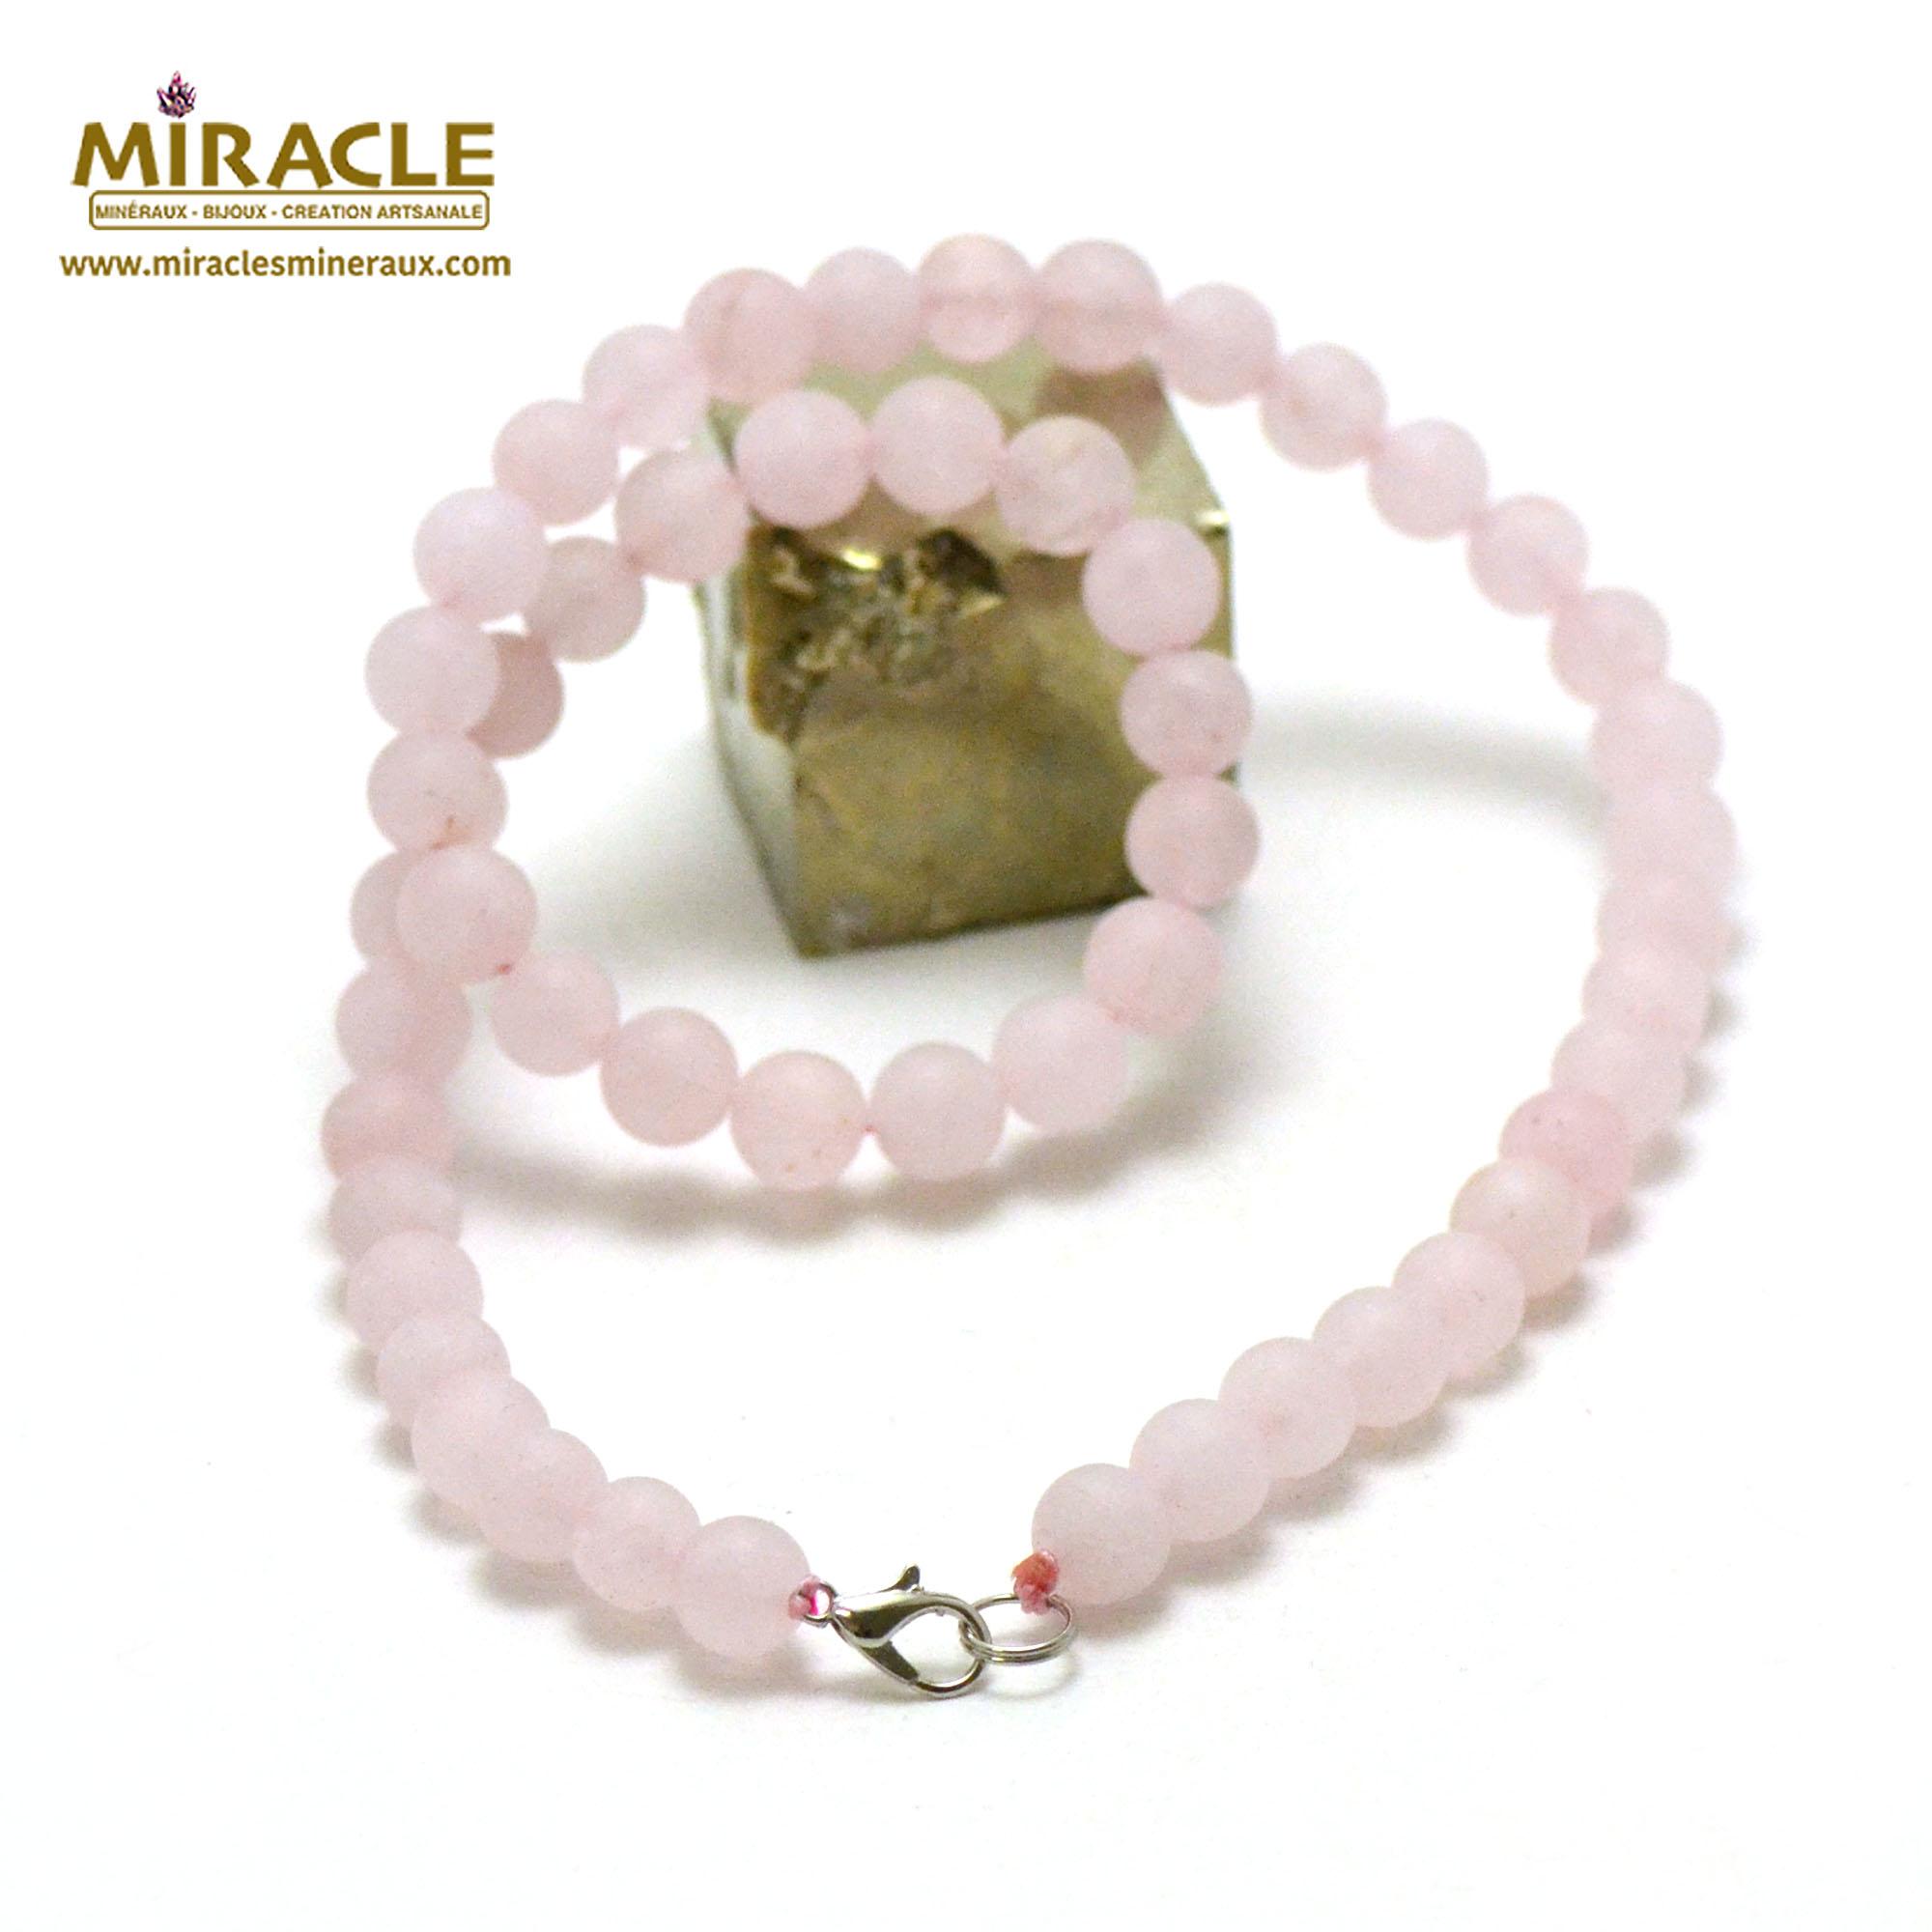 collier quartz rose givré perle mat ronde 8 mm